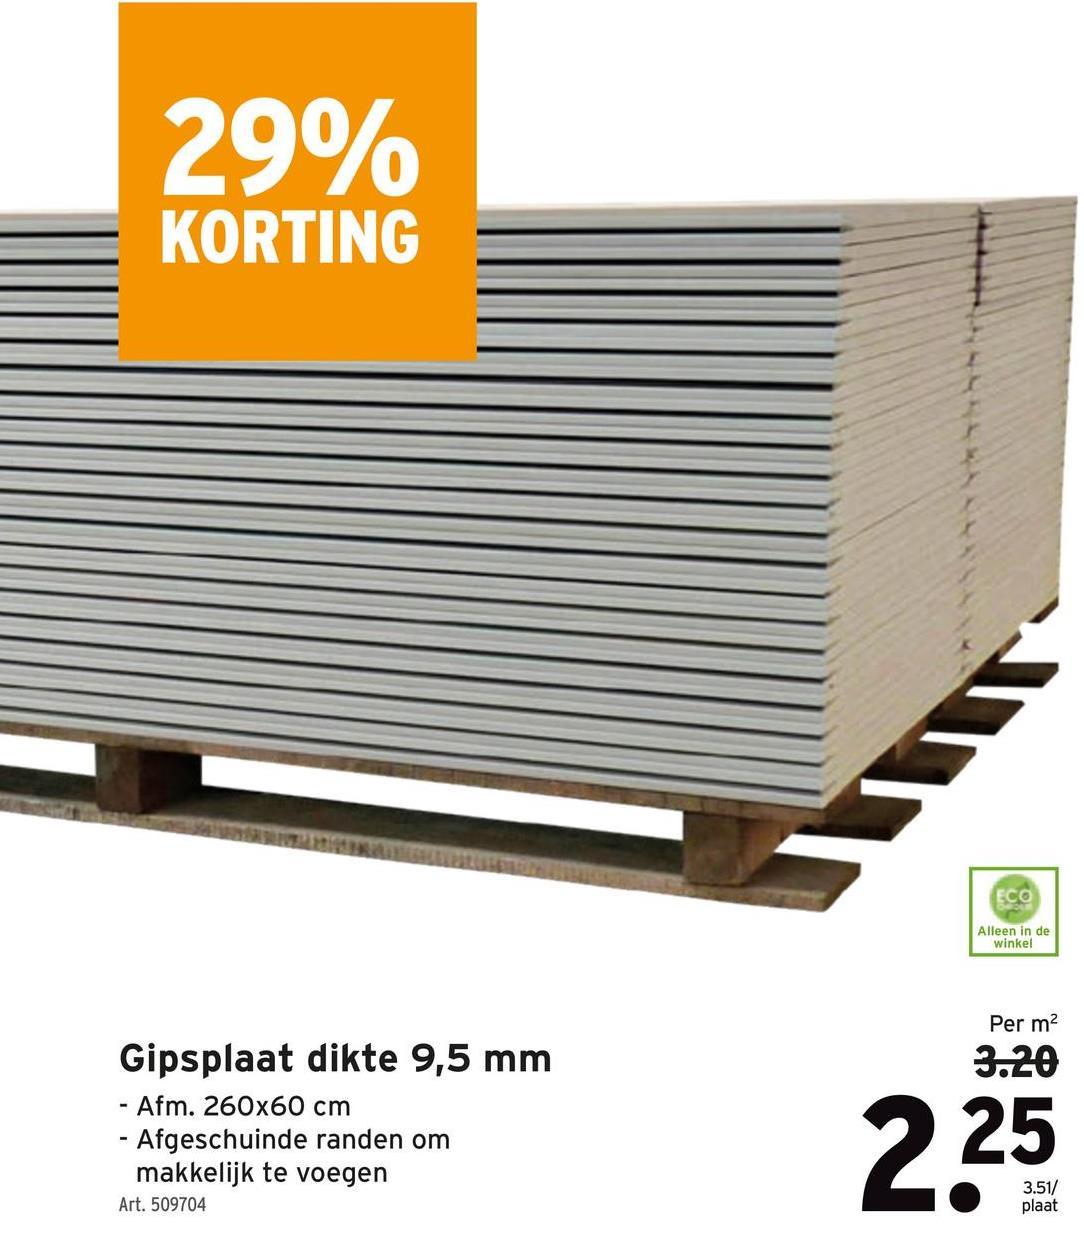 29% KORTING 1 ECC Alleen in de winkel Per m2 3.20 Gipsplaat dikte 9,5 mm - Afm. 260x60 cm - Afgeschuinde randen om makkelijk te voegen Art. 509704 3.51/ plaat